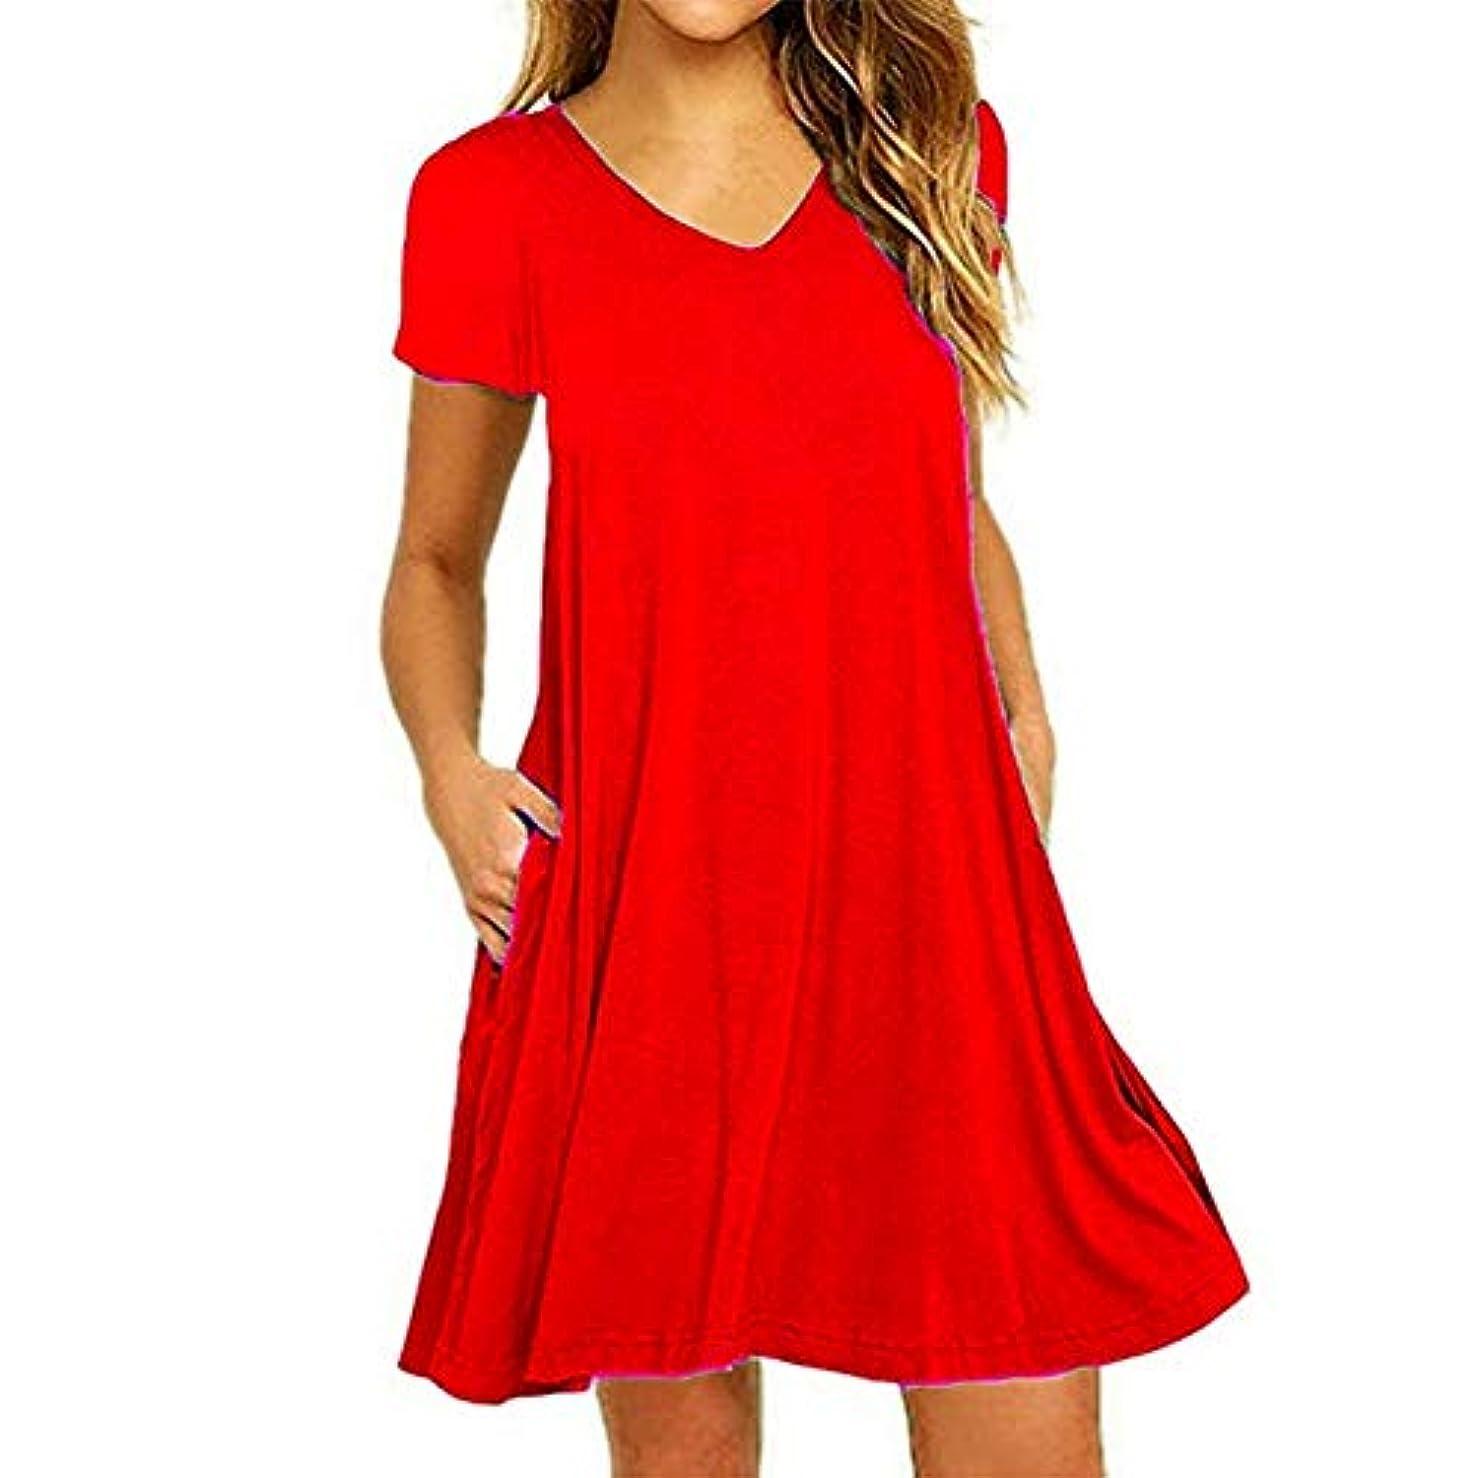 単にの前でジャンクMIFAN の女性のドレスカジュアルな不規則なドレスルースサマービーチTシャツドレス